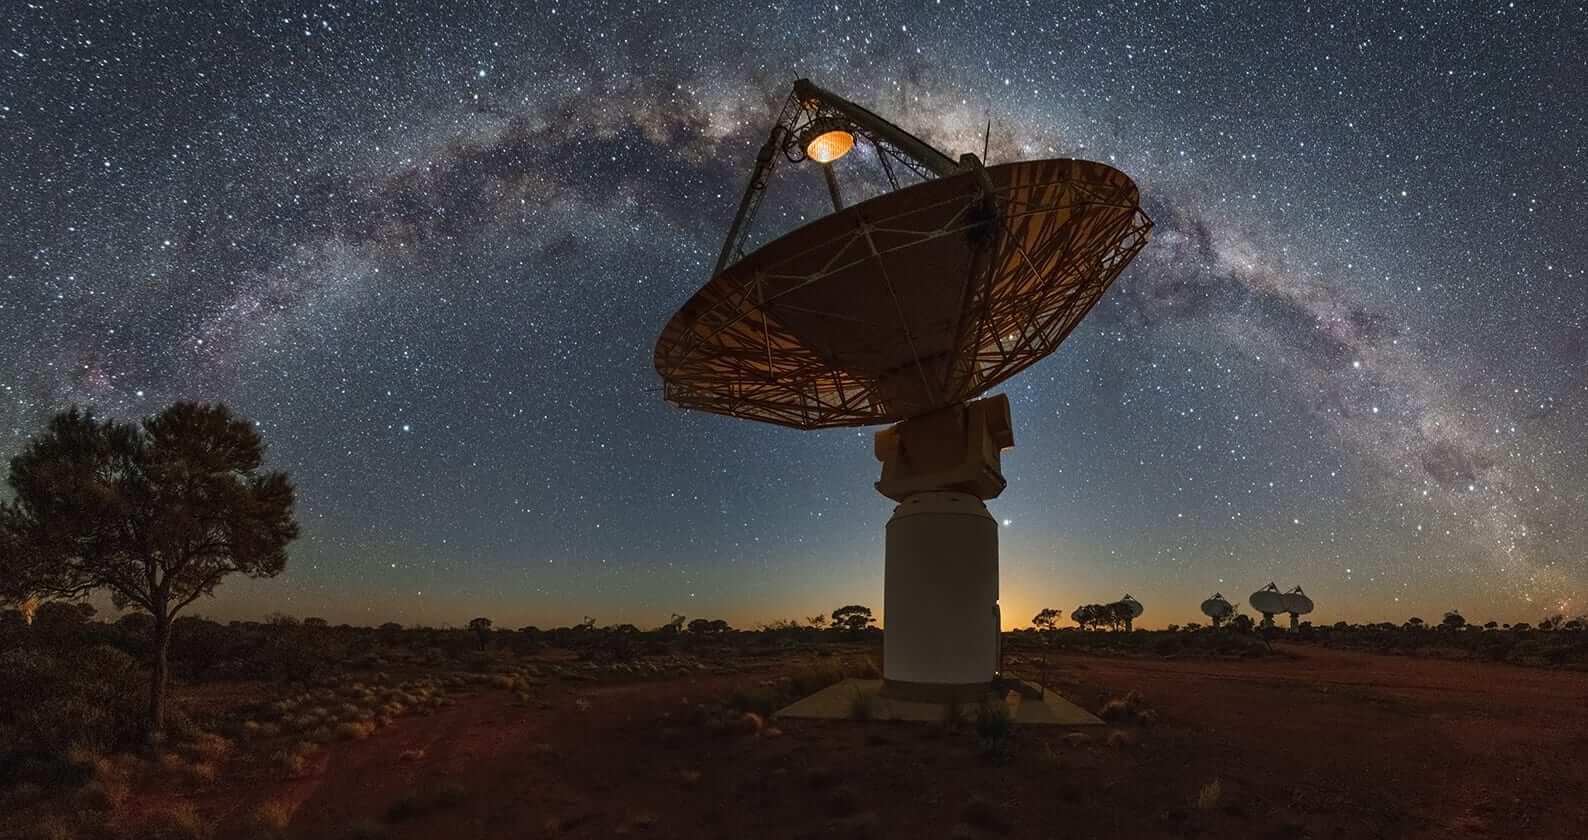 Misteriosi oggetti avvistati nello spazio, cosa saranno mai? thumbnail